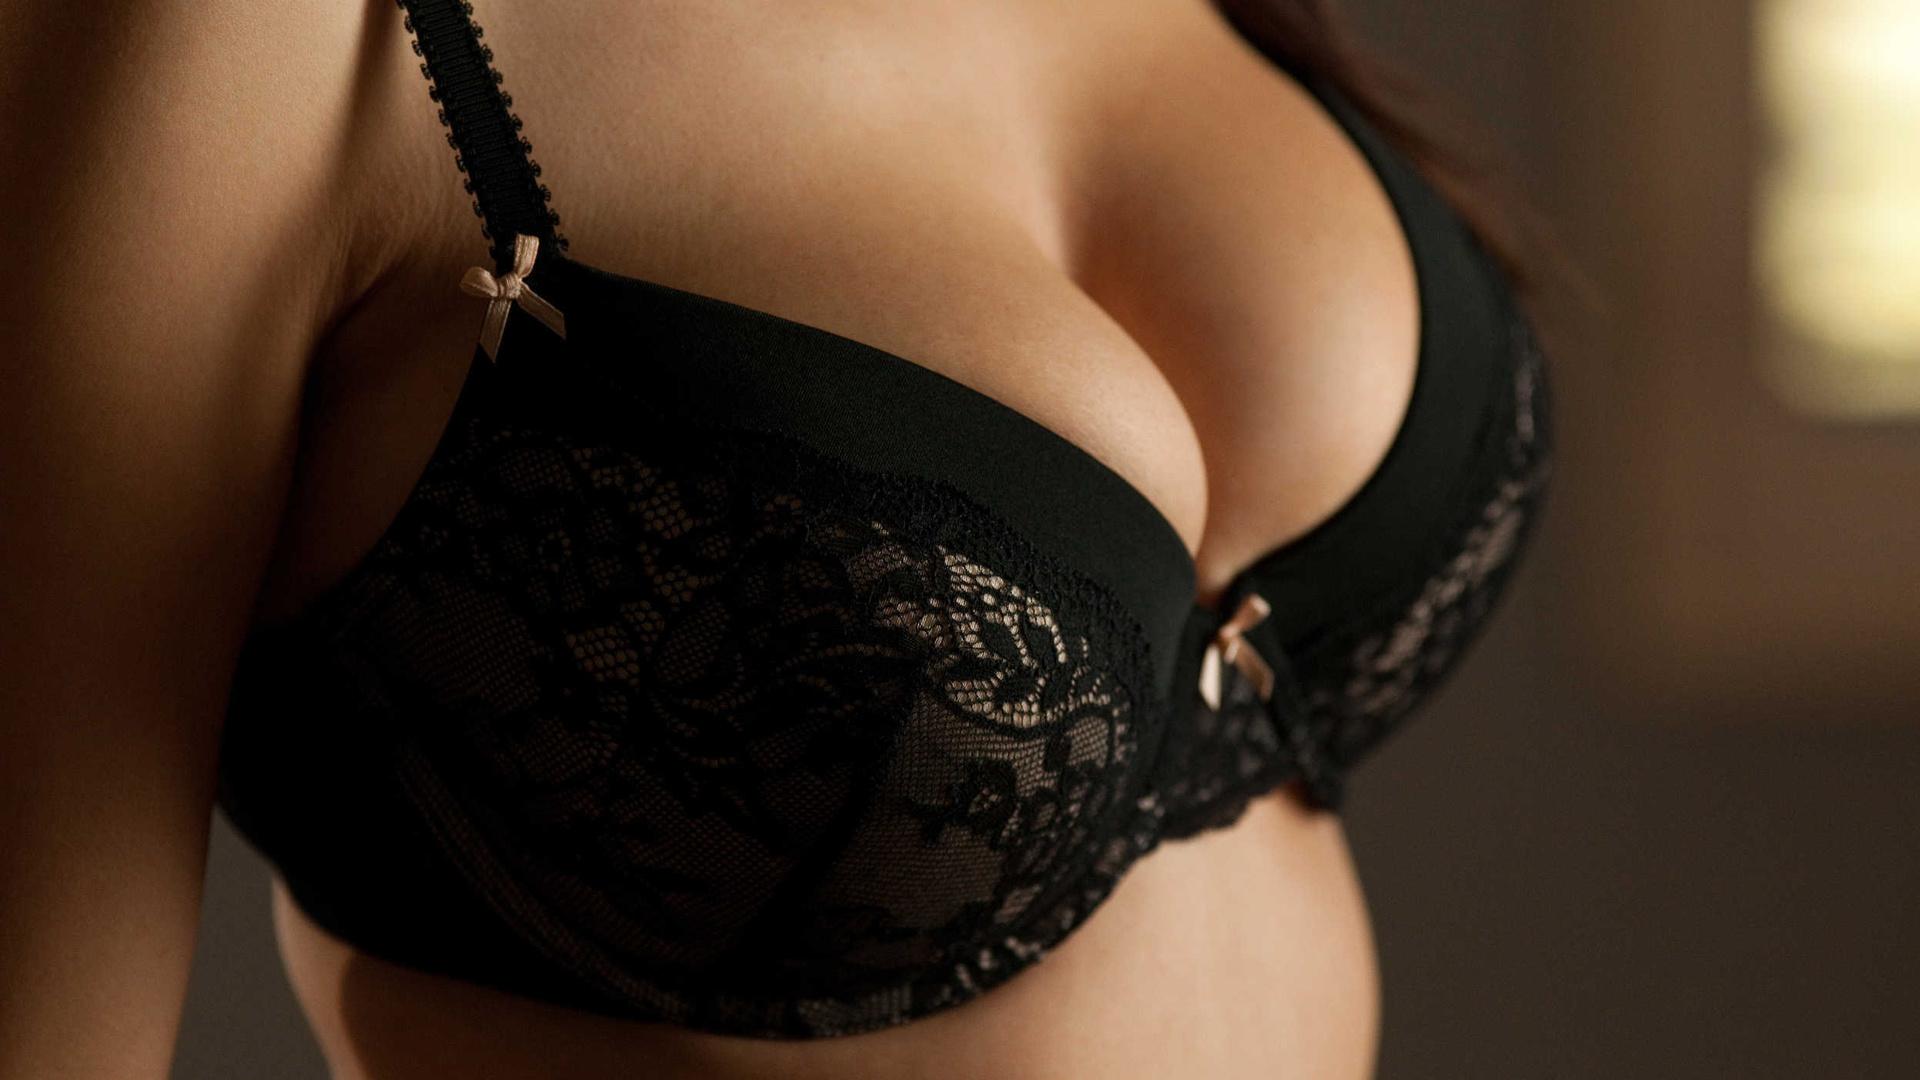 какие слова..., Анальный секс женщины видео пишешь добавил блог ридер